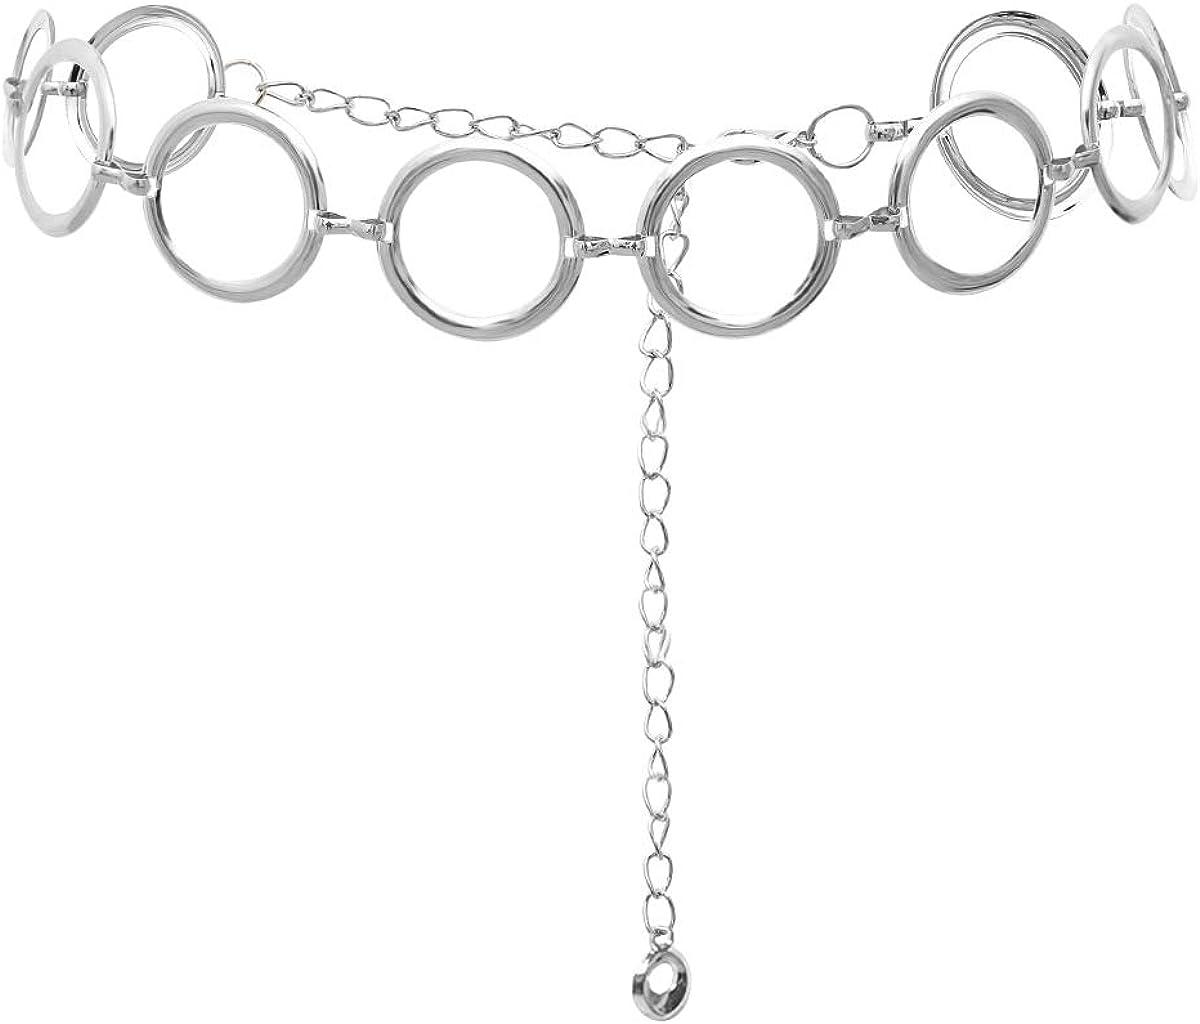 LumiSyne Moda Cinturón De Cadenas Para Mujer Anillo De Metal Sencillo Cadenas De Pretina Dorado Plata Hebilla Ajustable Cinturón De Vestir Cadena De Cuerpo Para Diario Fiesta Boda